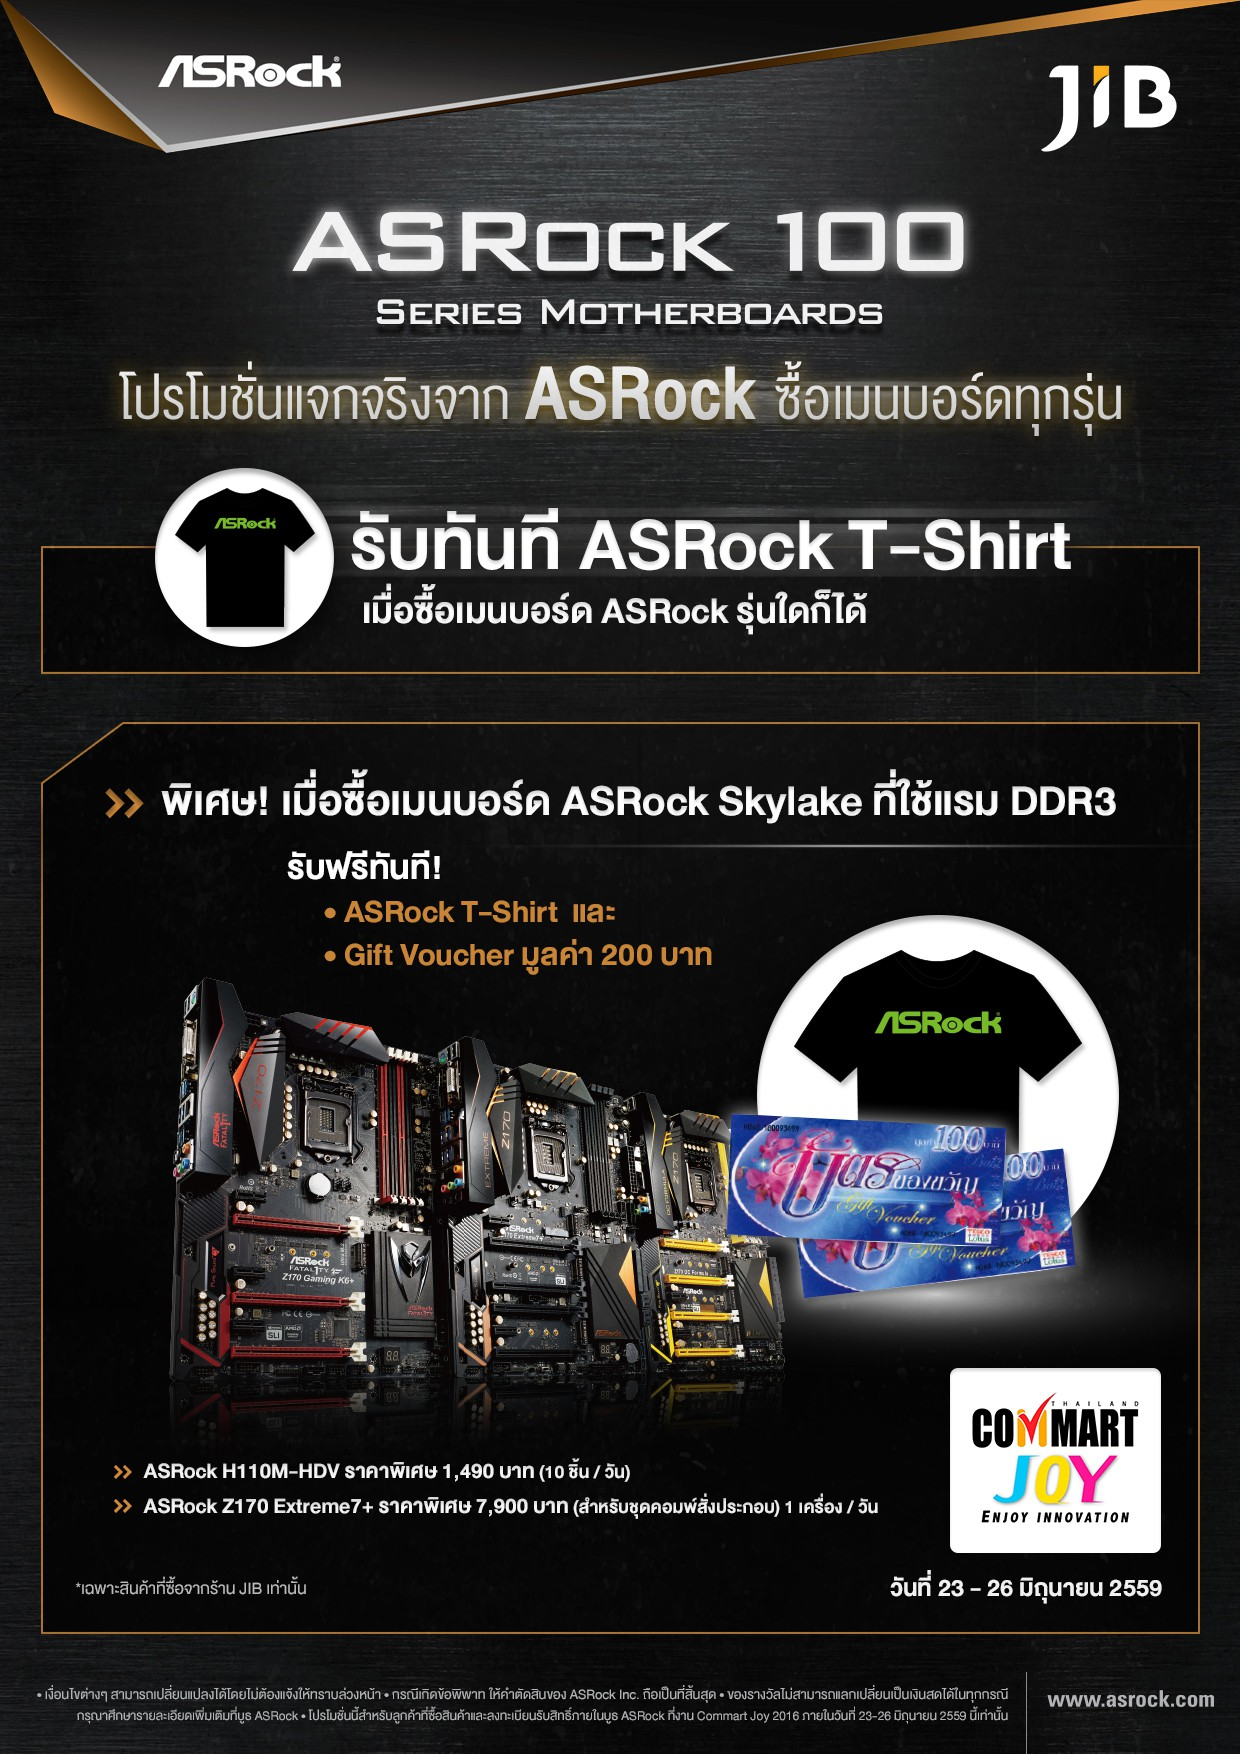 Promotion ASRock-JIB